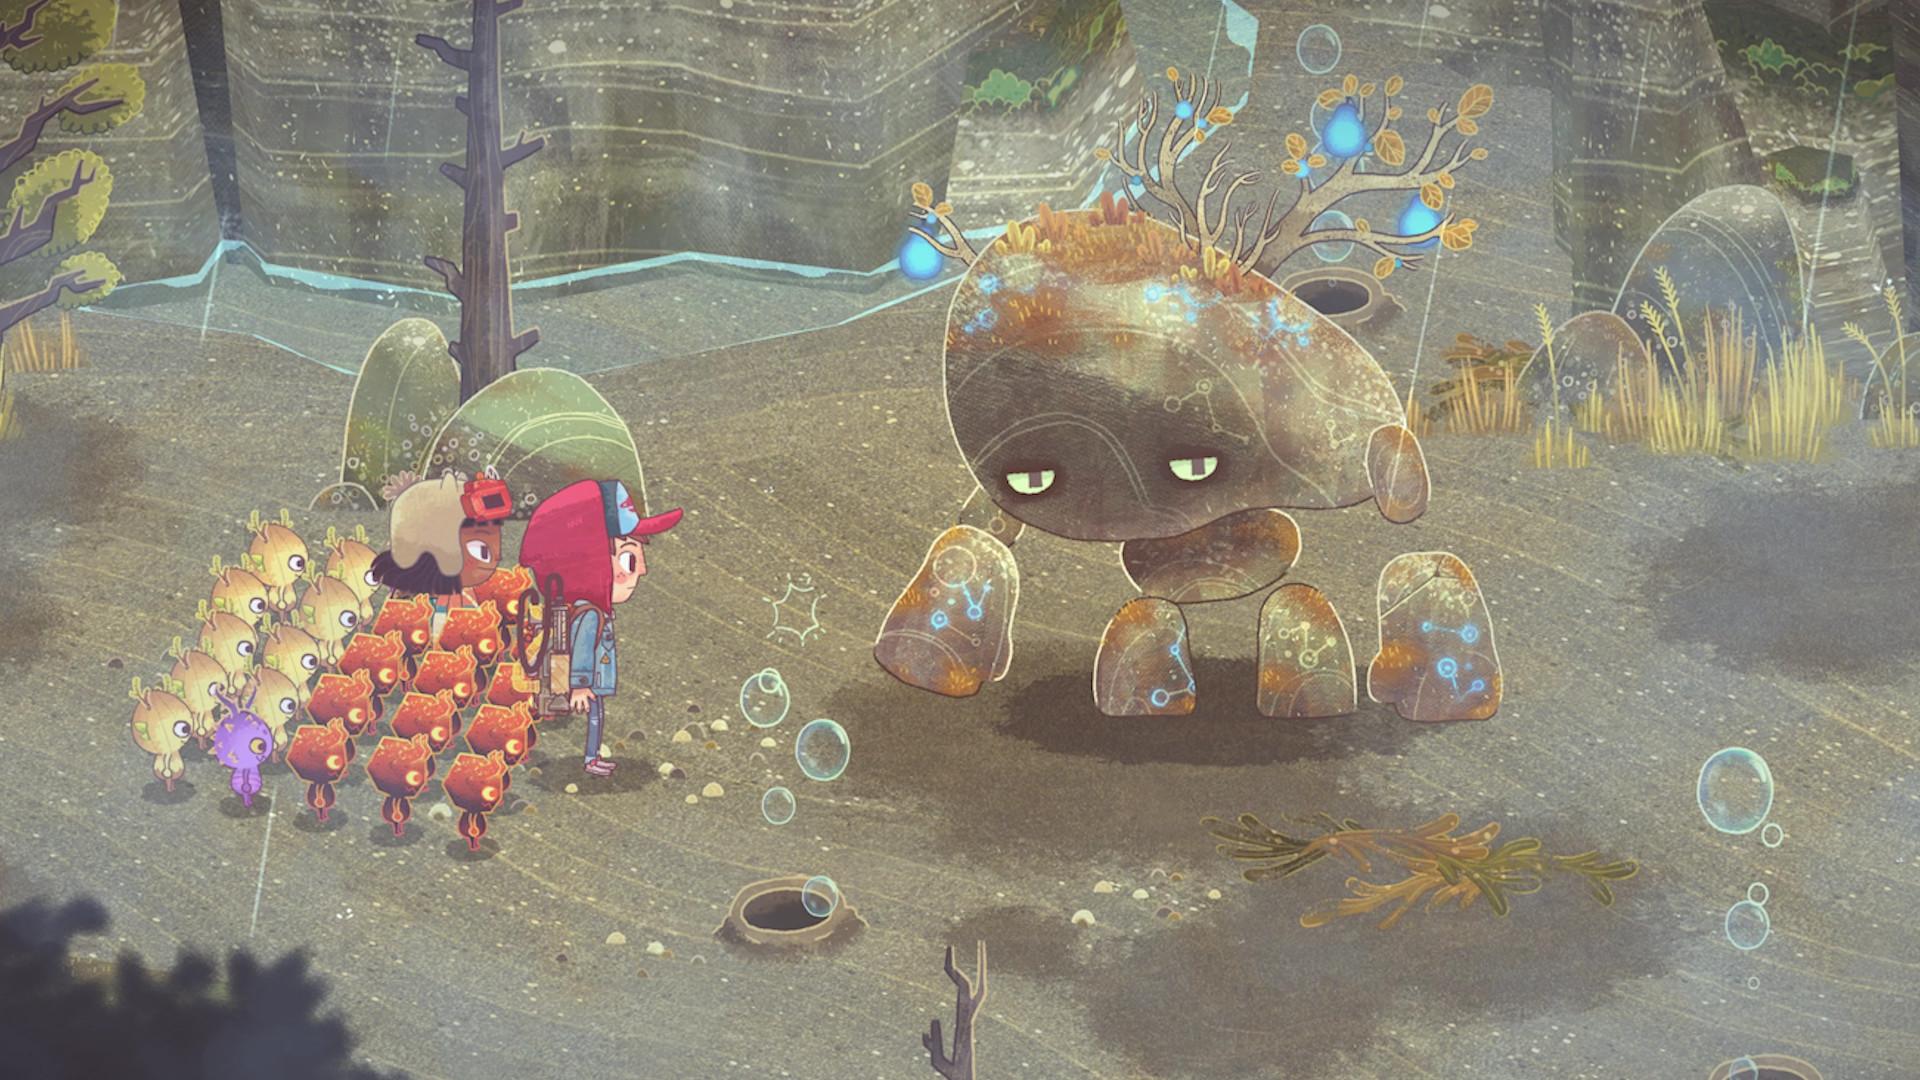 《狂野之心》PS4和Switch版将于11月16日发售